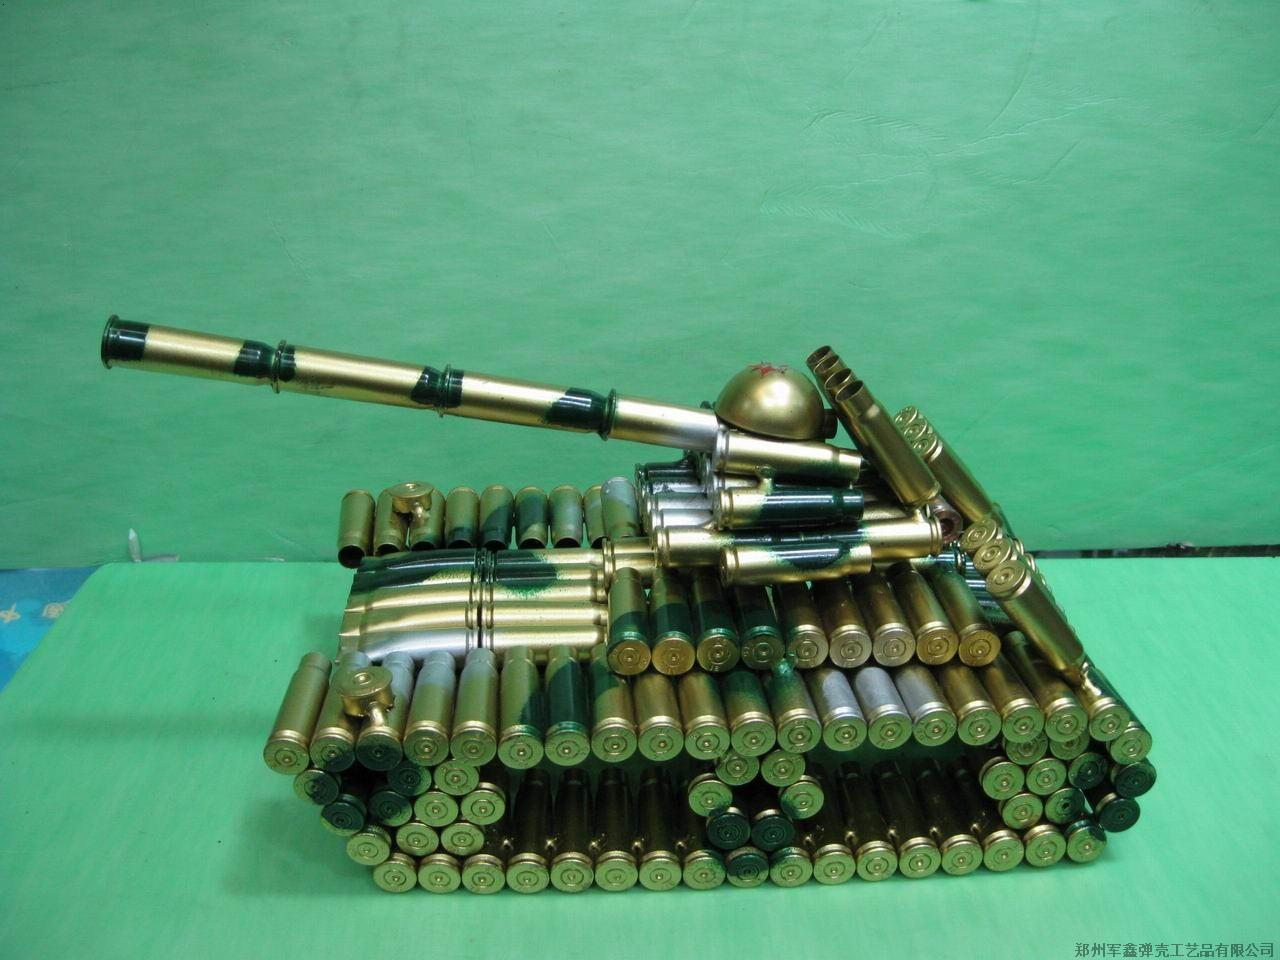 步枪弹壳工艺品图片_子弹壳图纸_子弹壳 材质_子弹壳加速器_子弹壳工艺品